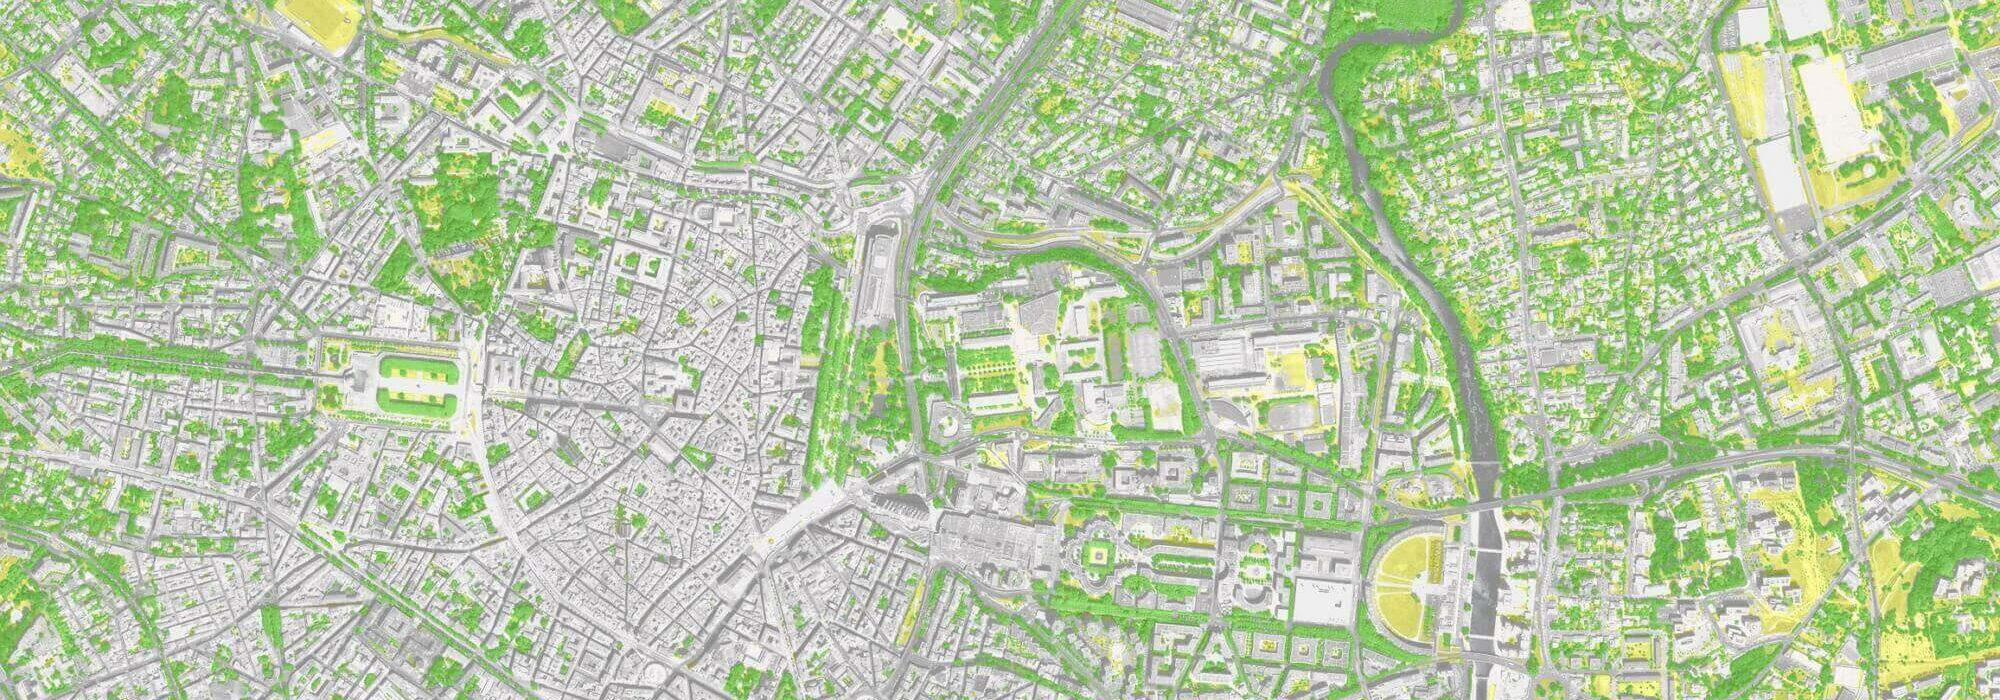 carte des arbres en ville